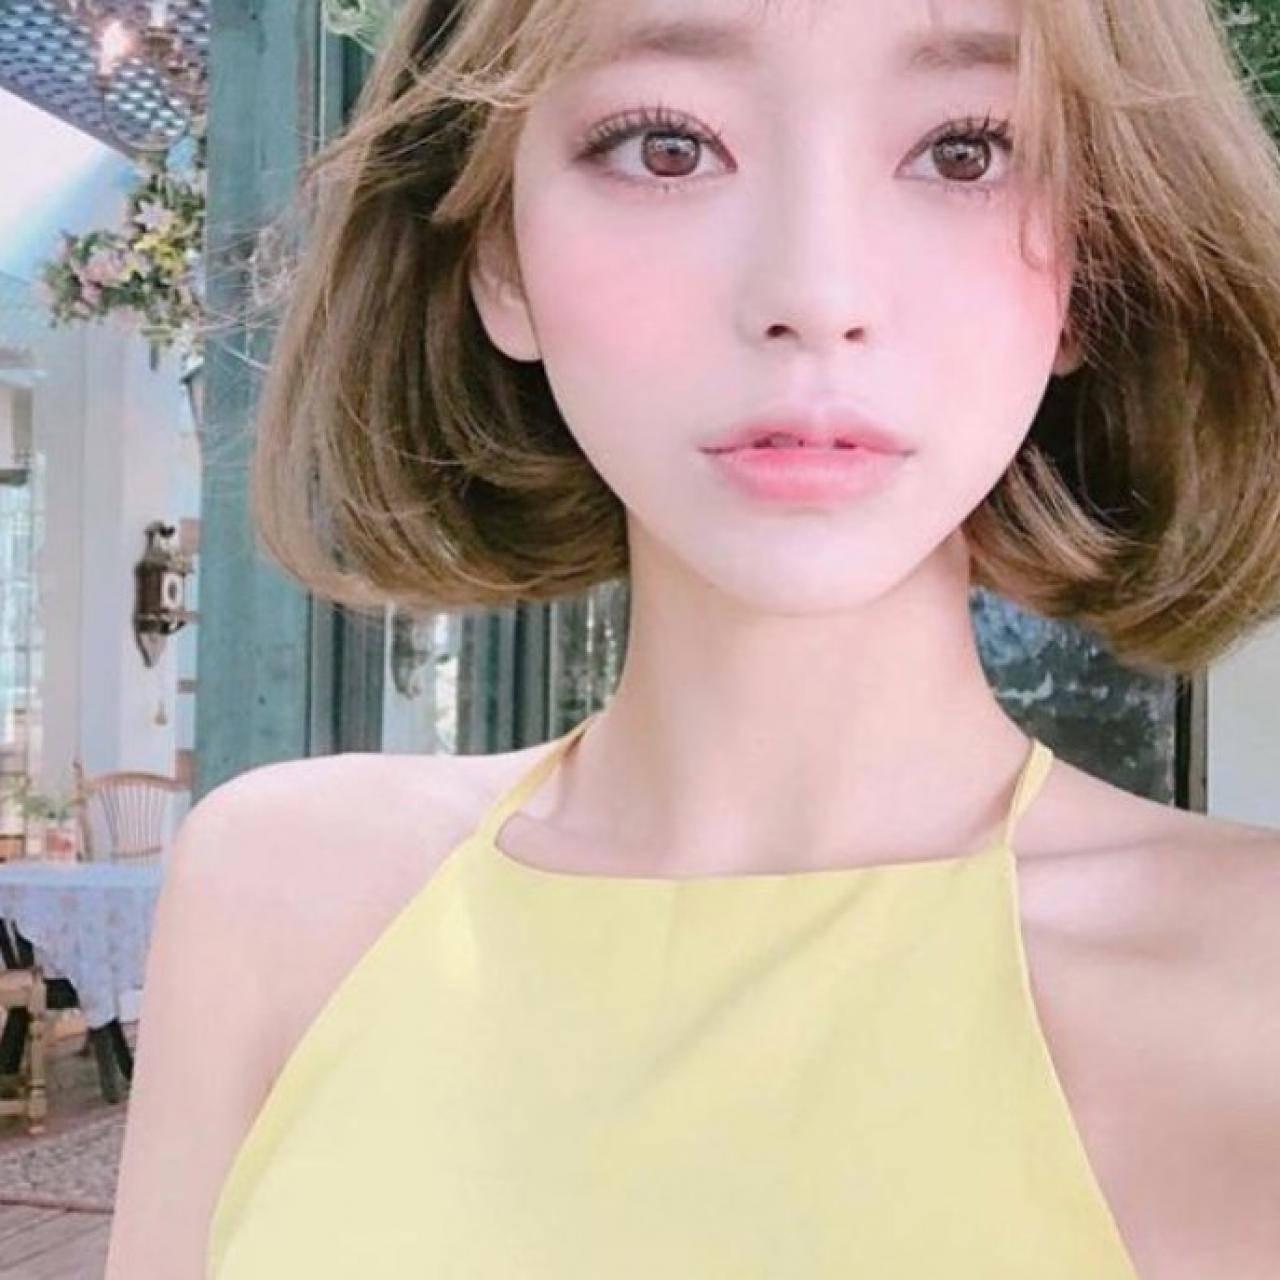 オルチャン 美人 韓国美人 韓国メイク オルチャンメイク